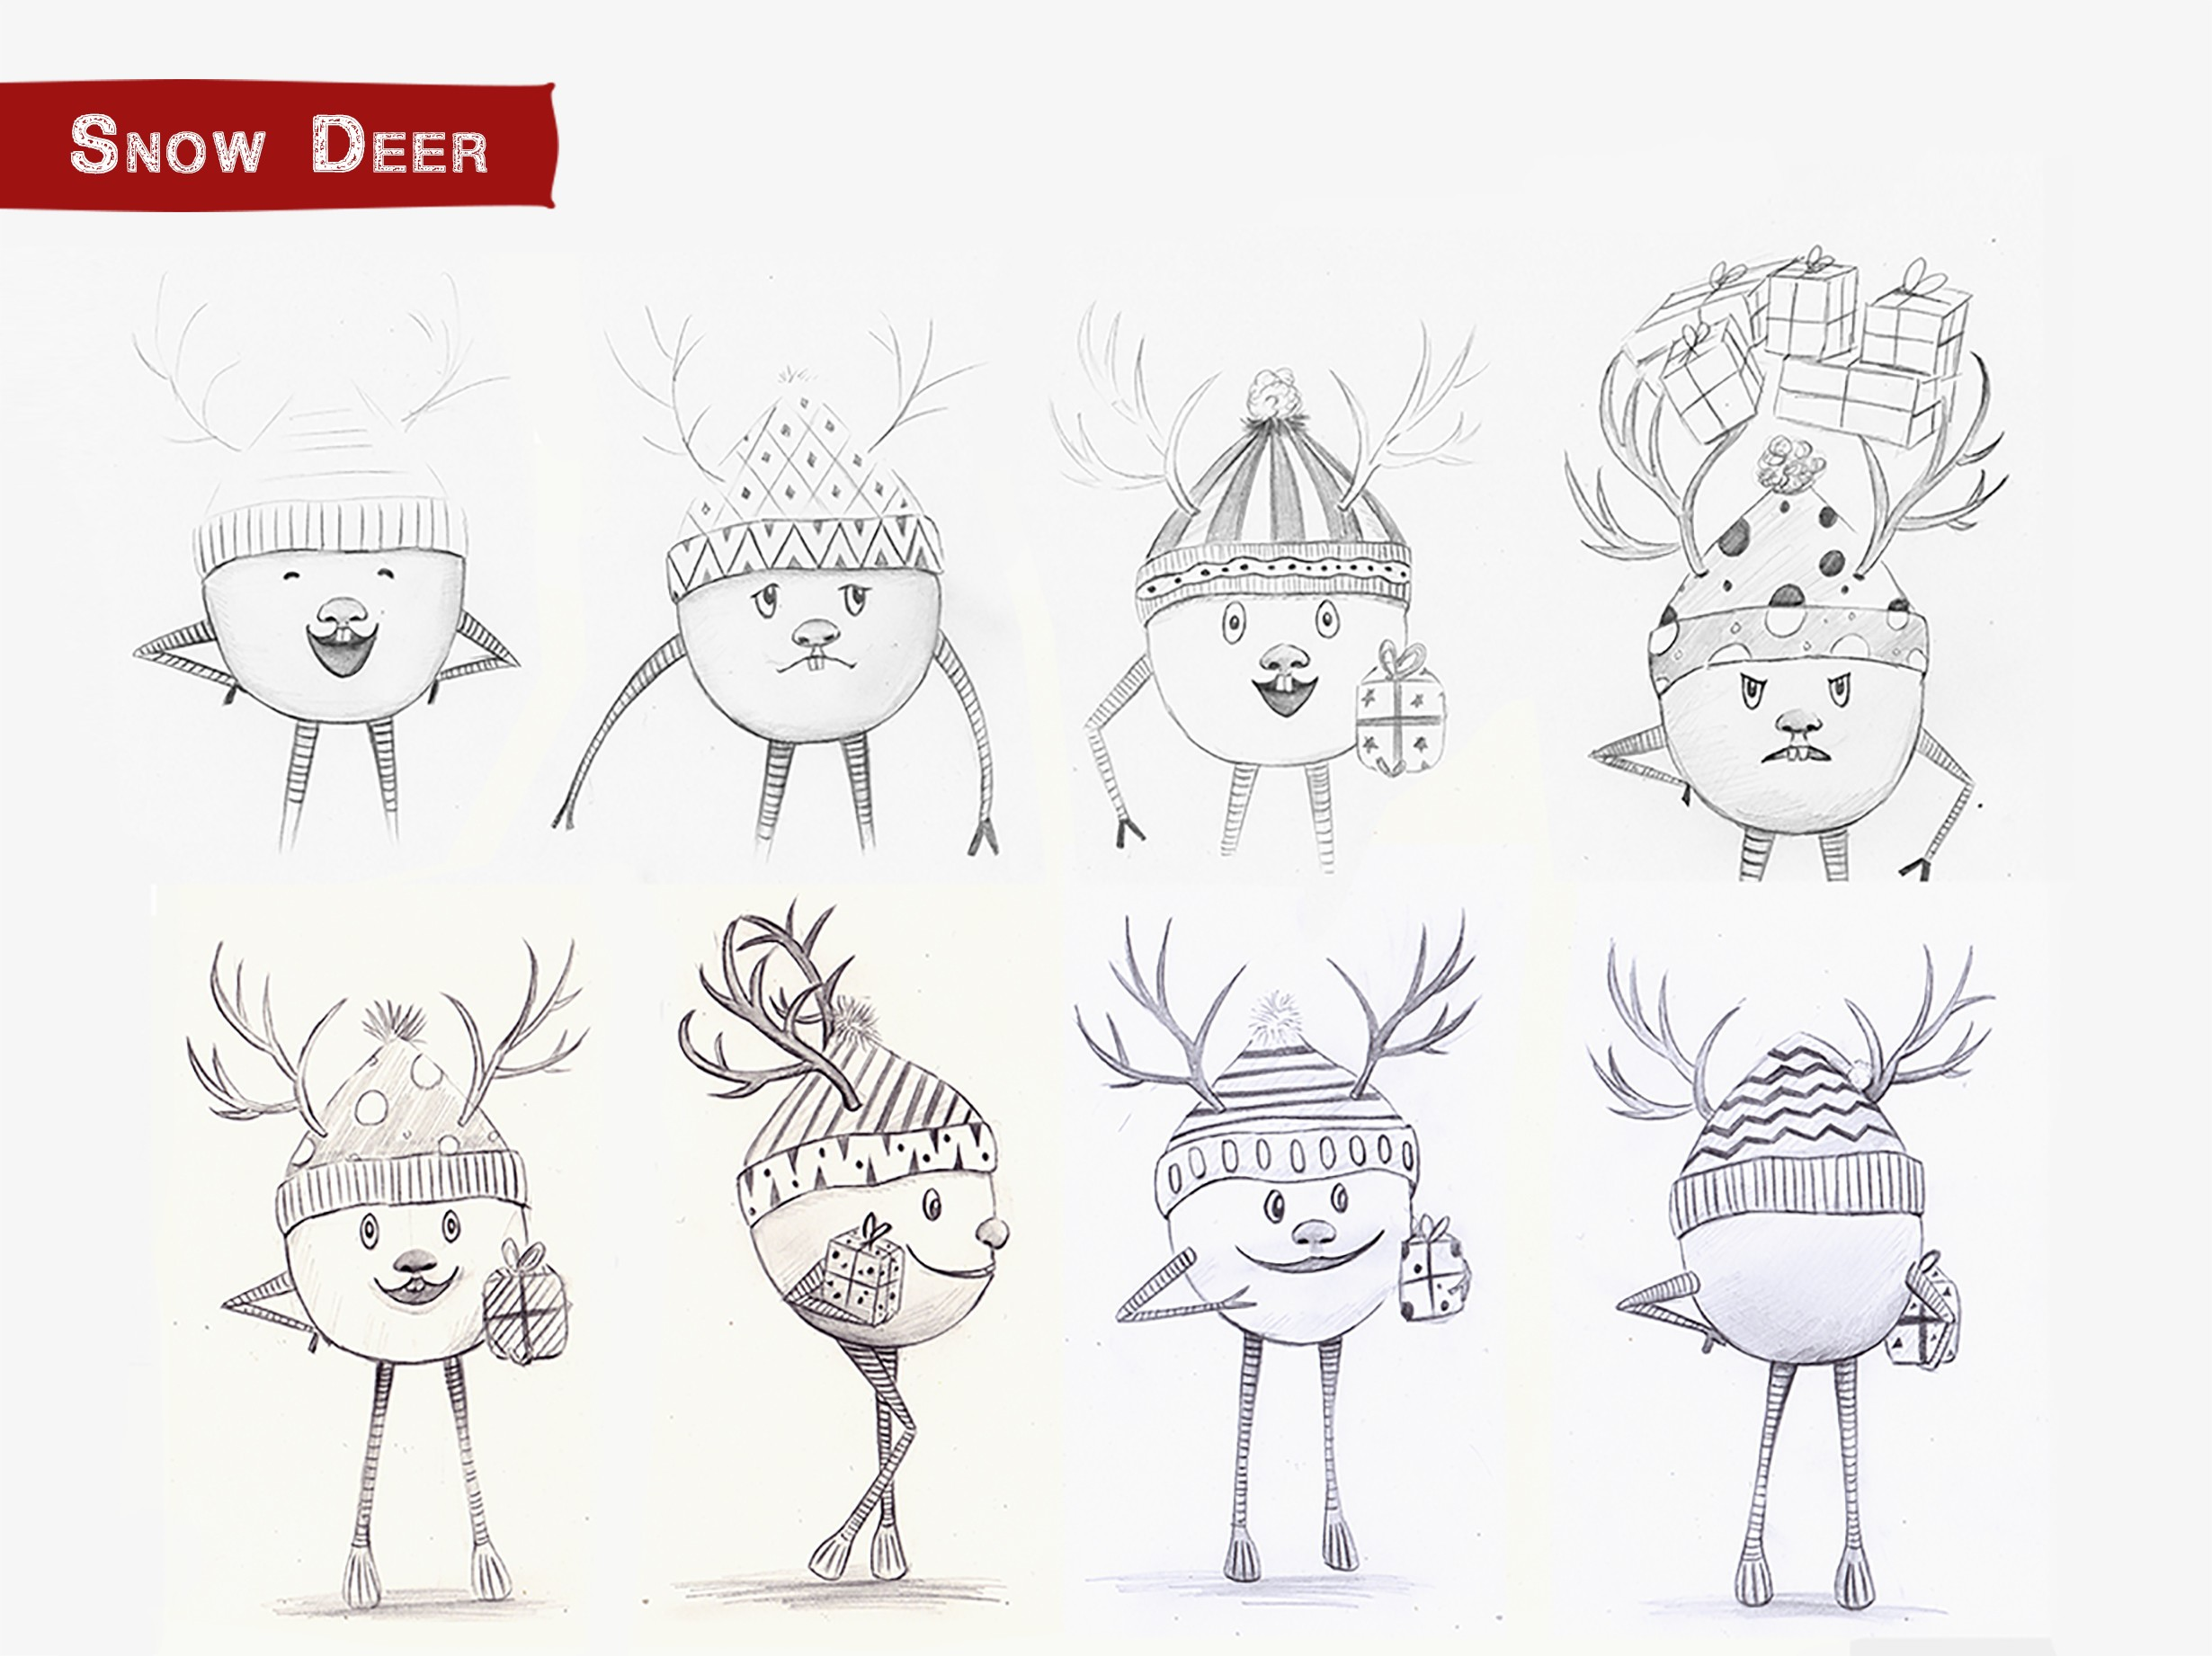 sketch-of-snow-deer